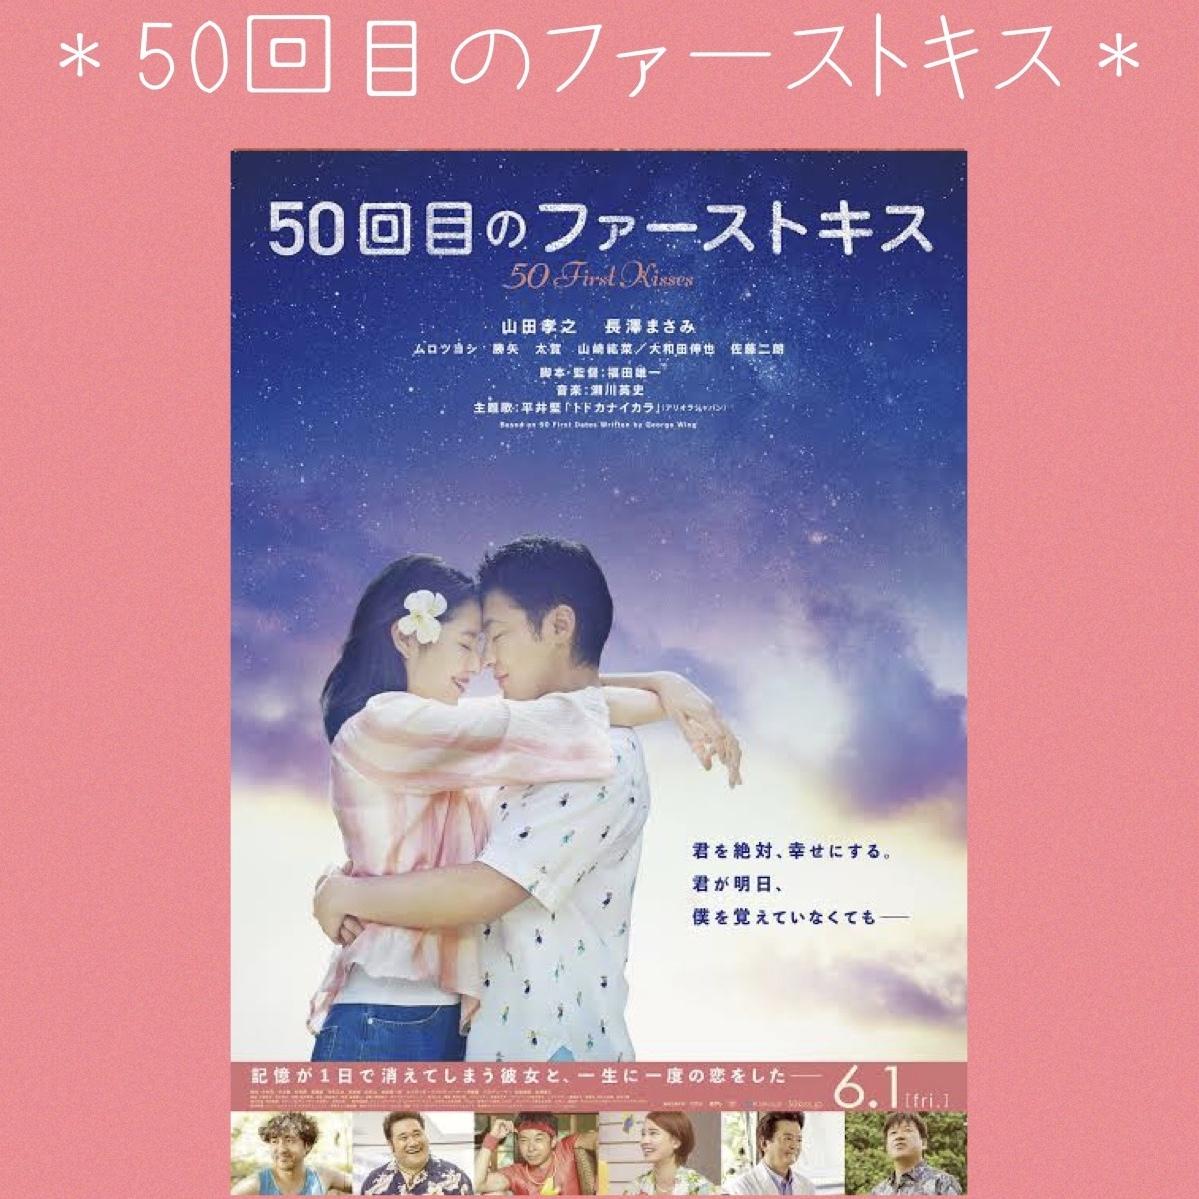 【映画】映画好きが超おすすめする恋愛映画!!_1_6